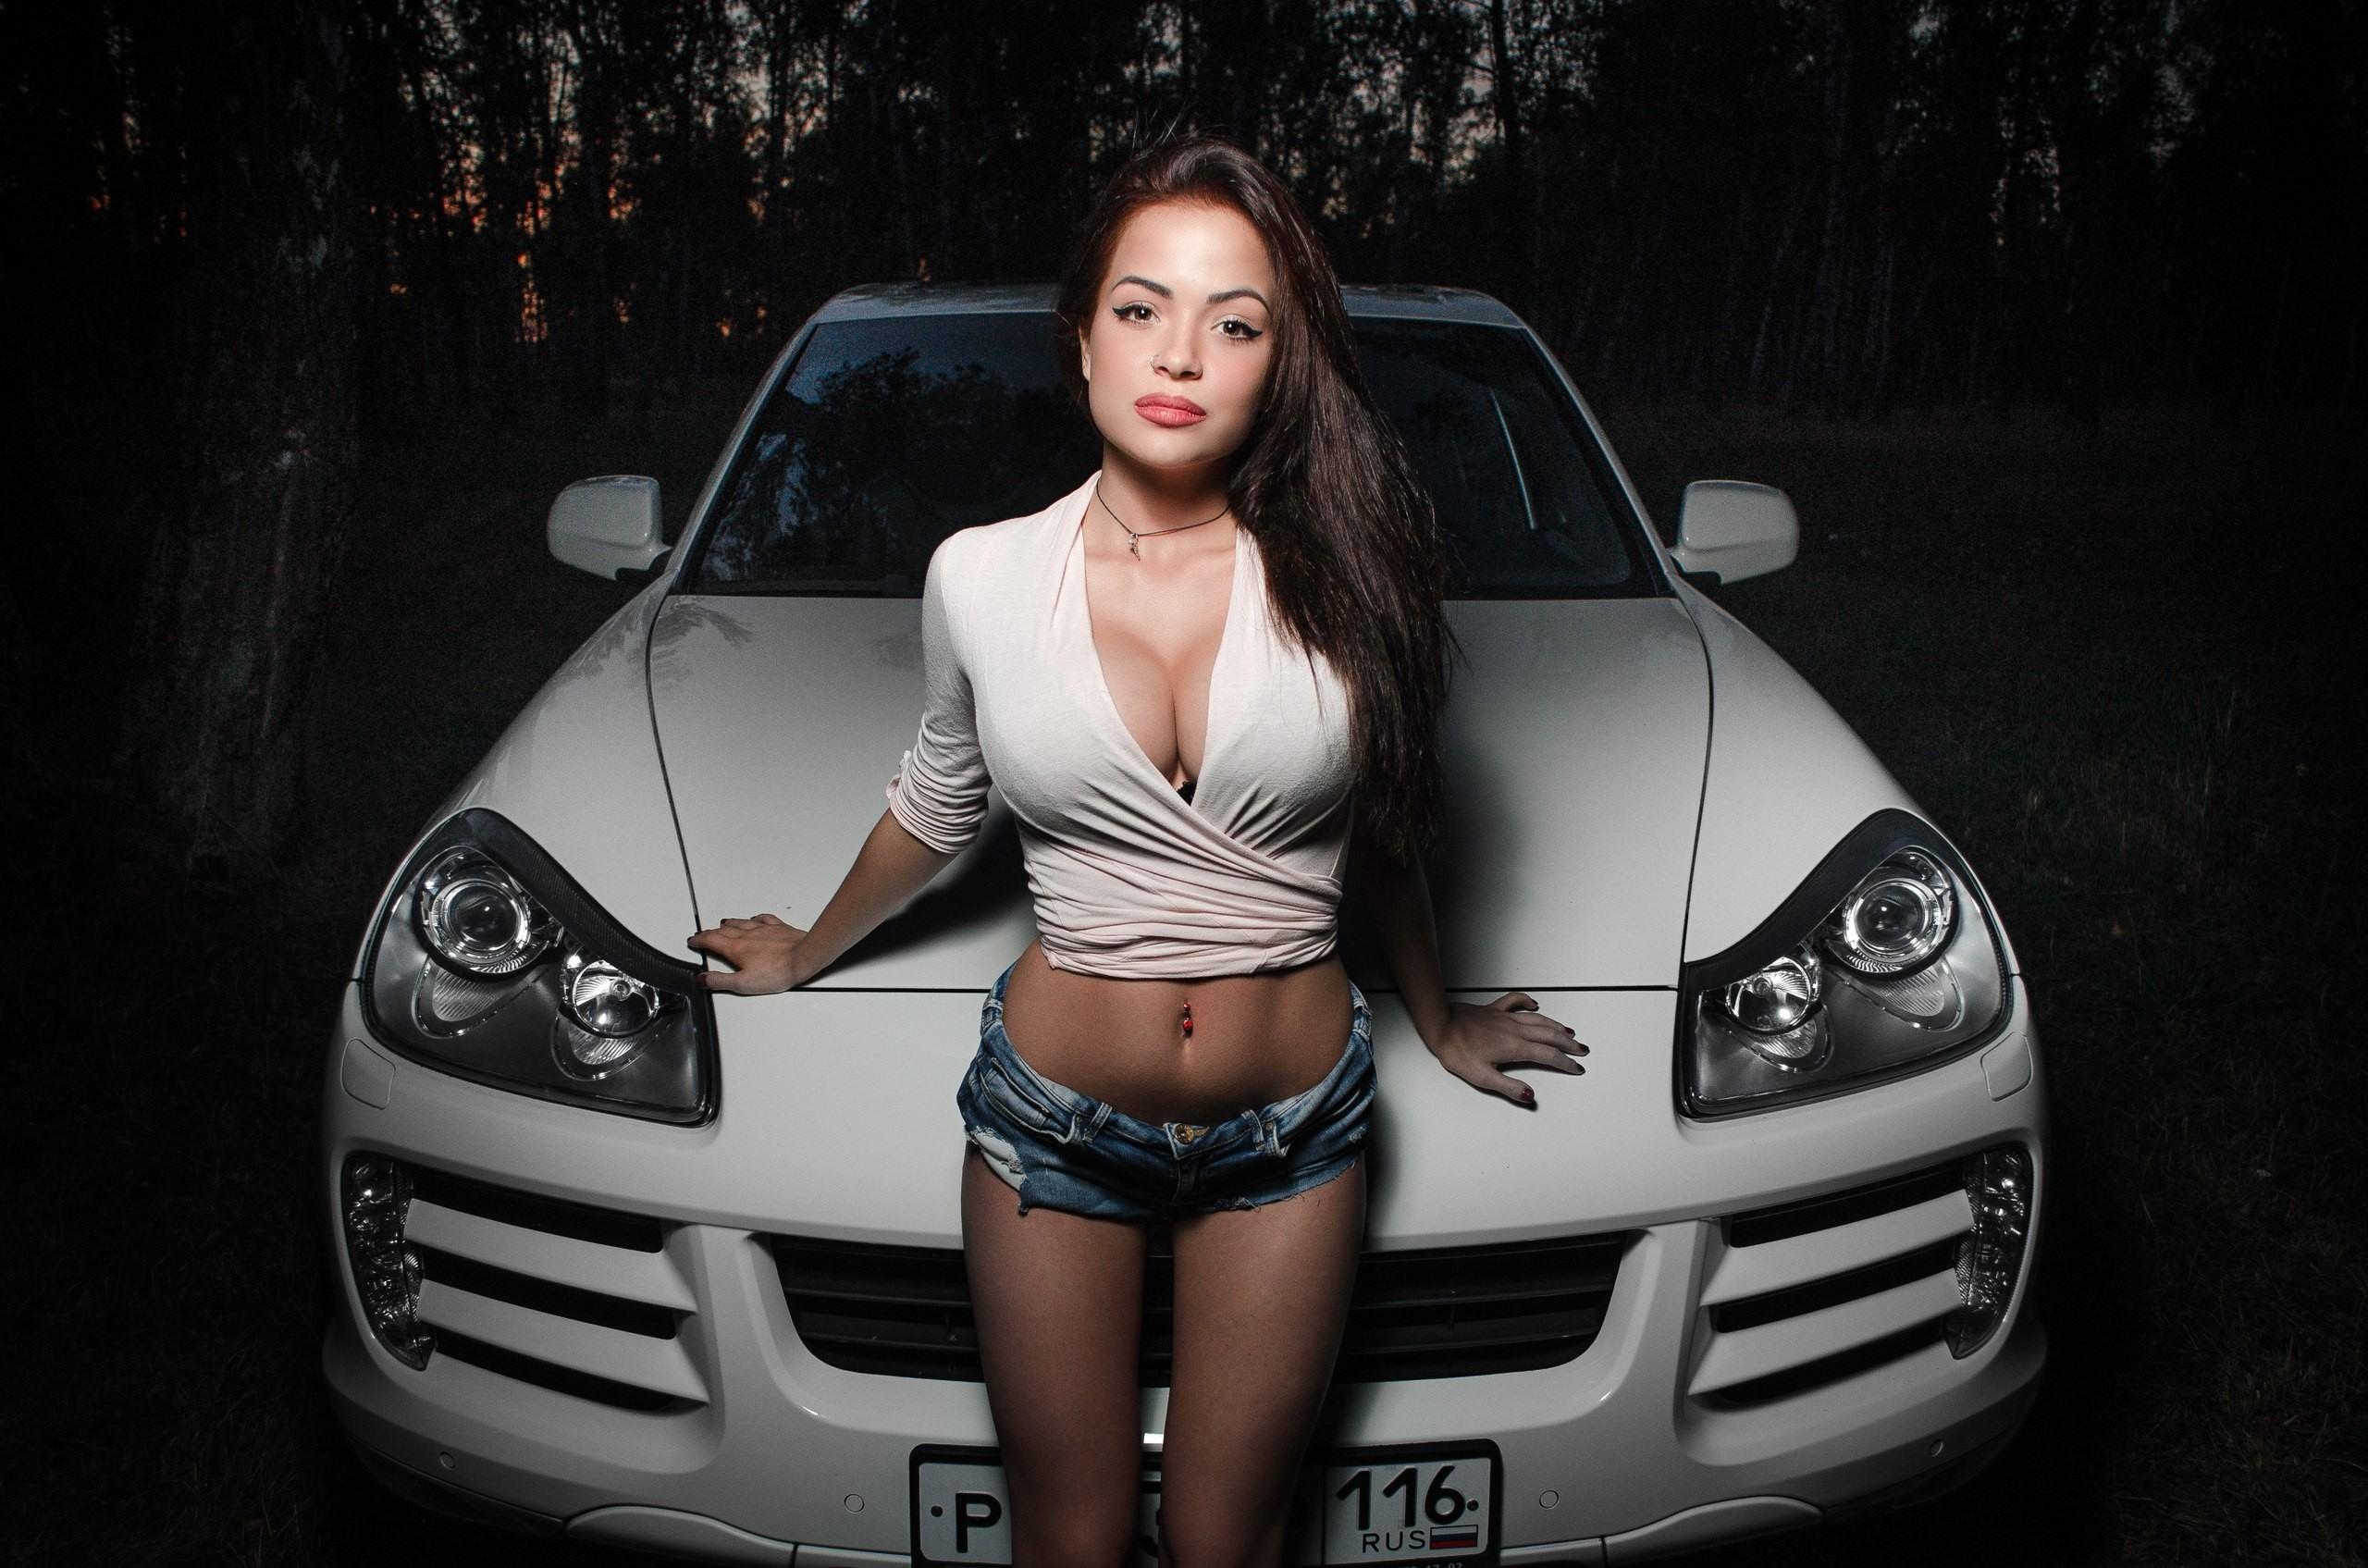 Фото Красивая девушка в коротеньких шортиках и белой блузке прислонилась попой к капоту белого авто ночью в лесу, большая грудь, пупок, секси брюнетка, скачать картинку бесплатно